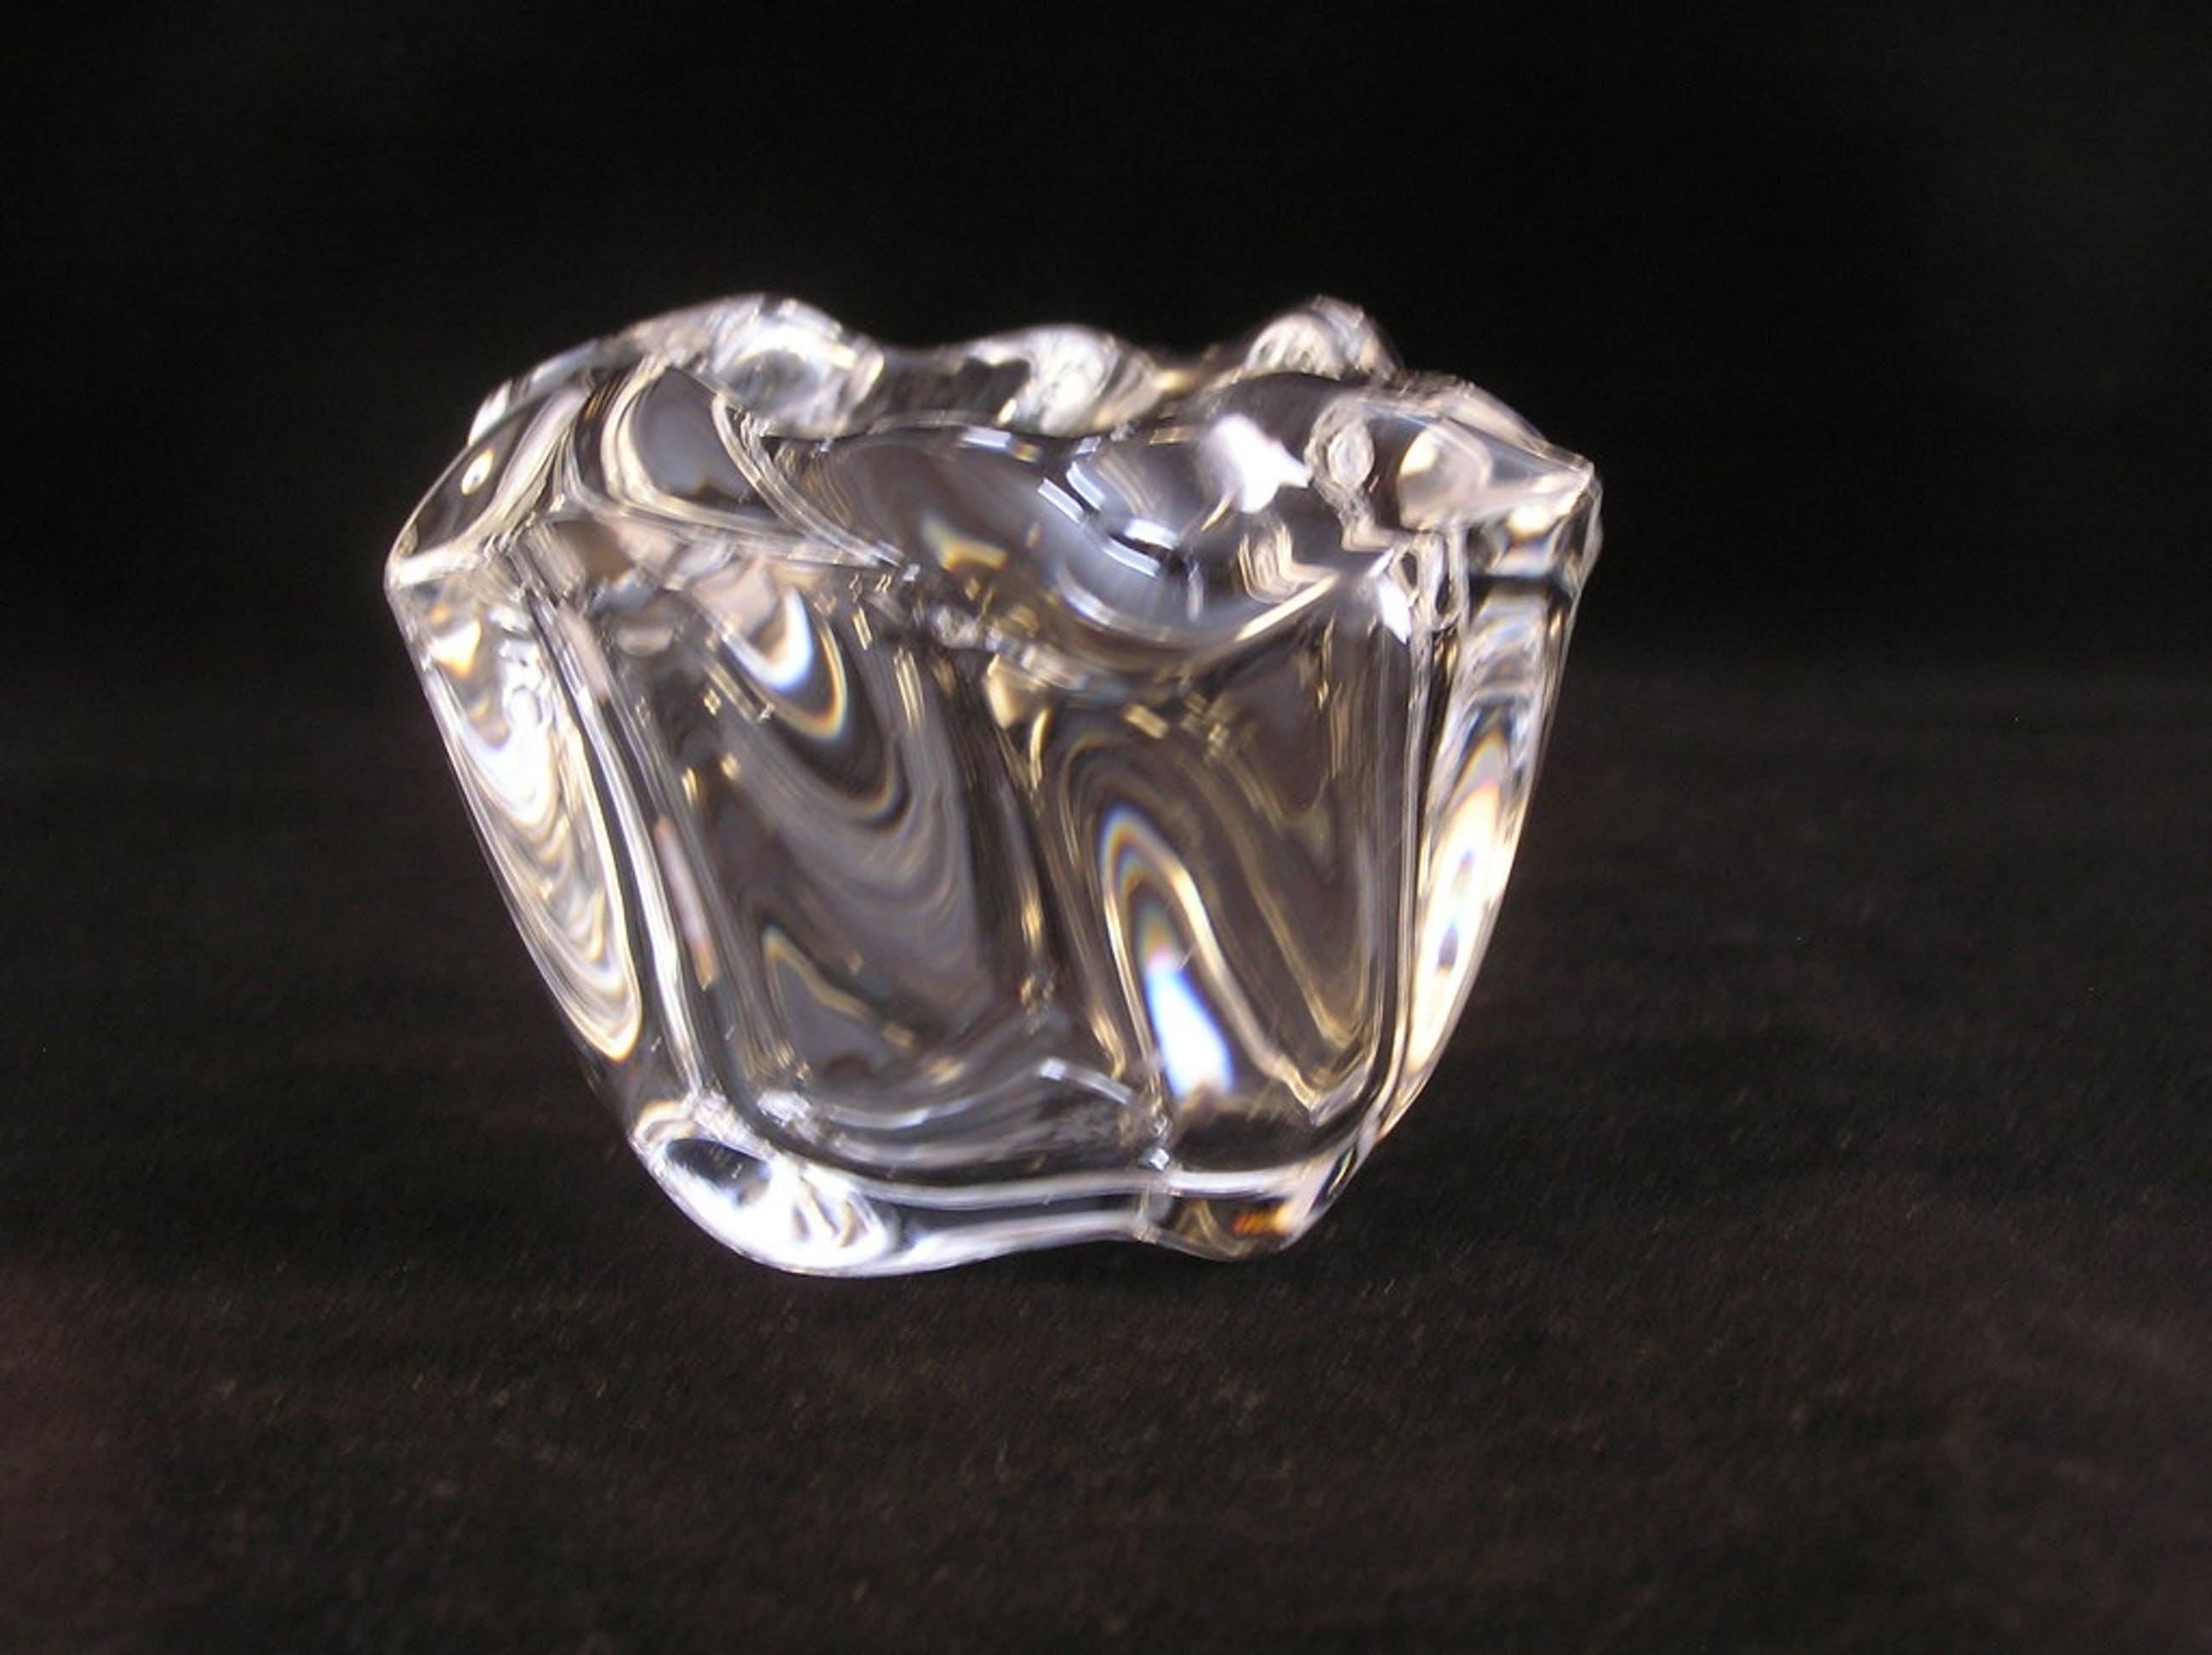 """Holmegaard, kristallen theelichthouder """"Galaxy"""" ontwerp Alan Scharff kopen? Bied vanaf 8!"""